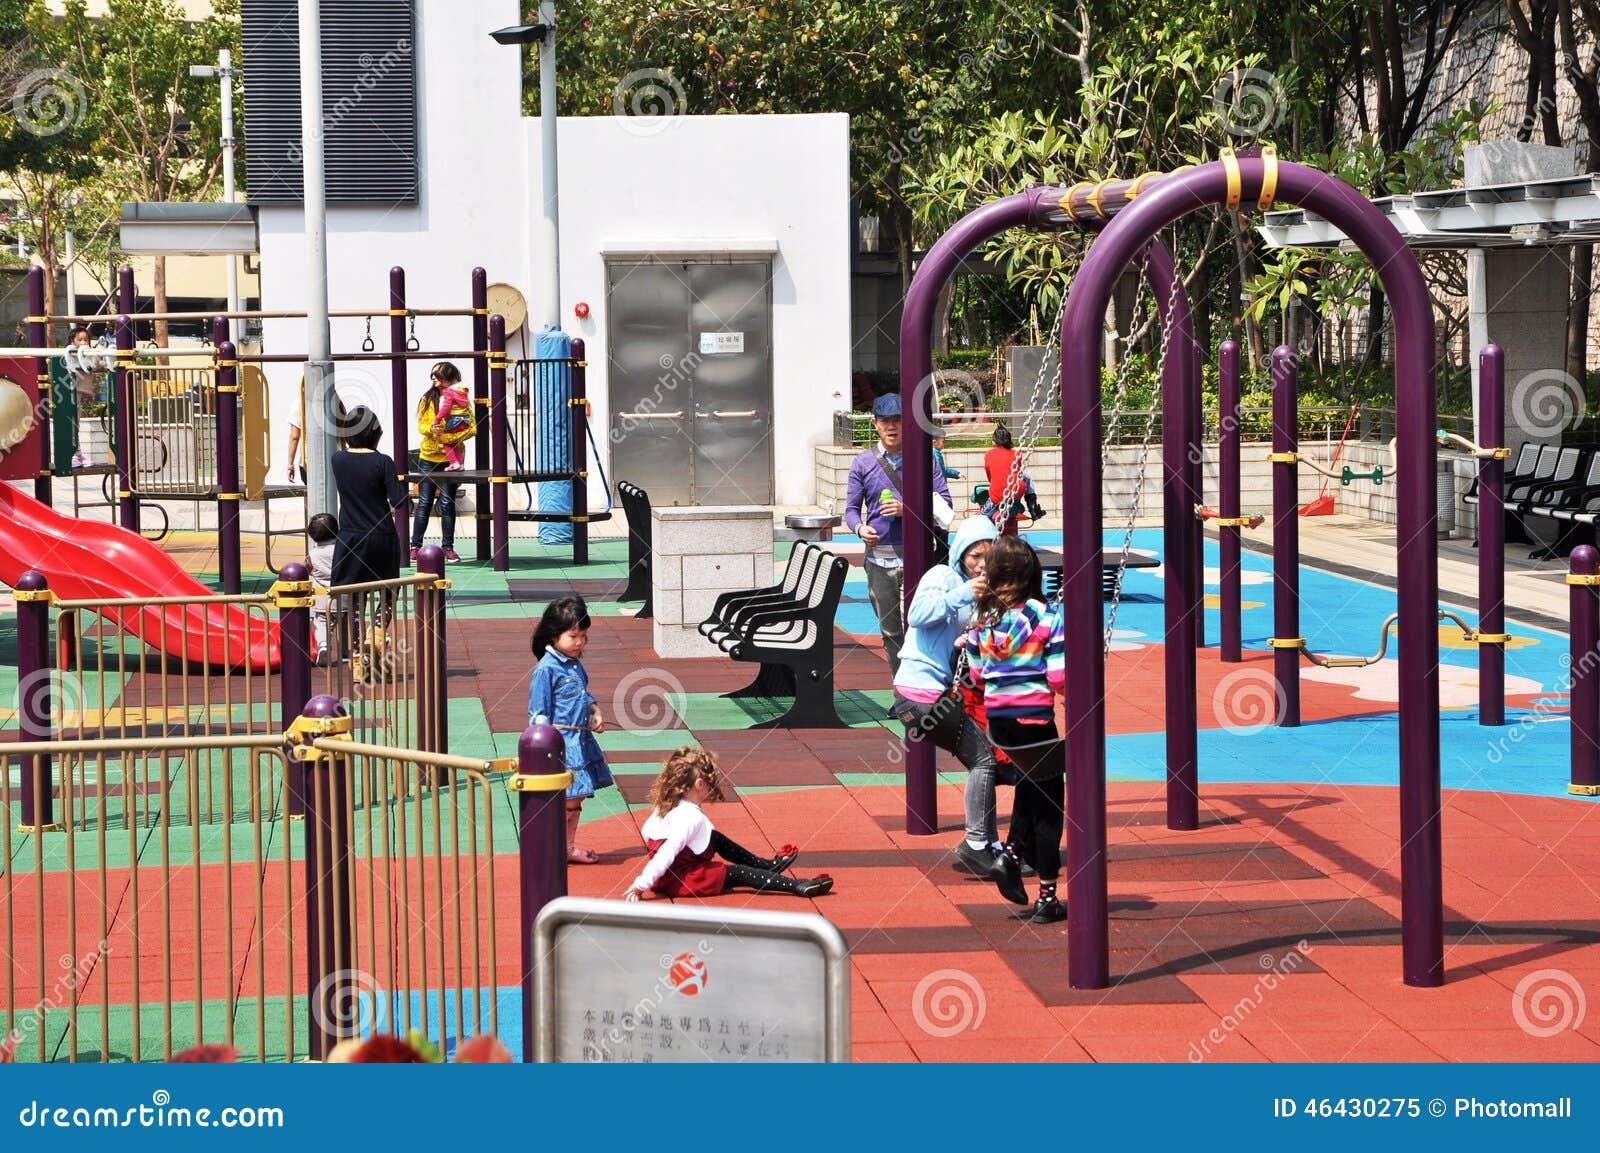 Le terrain de jeu des enfants de la Communauté de vue de rue de Hong Kong à Hong Kong, la mère et les enfants a joué heureusement